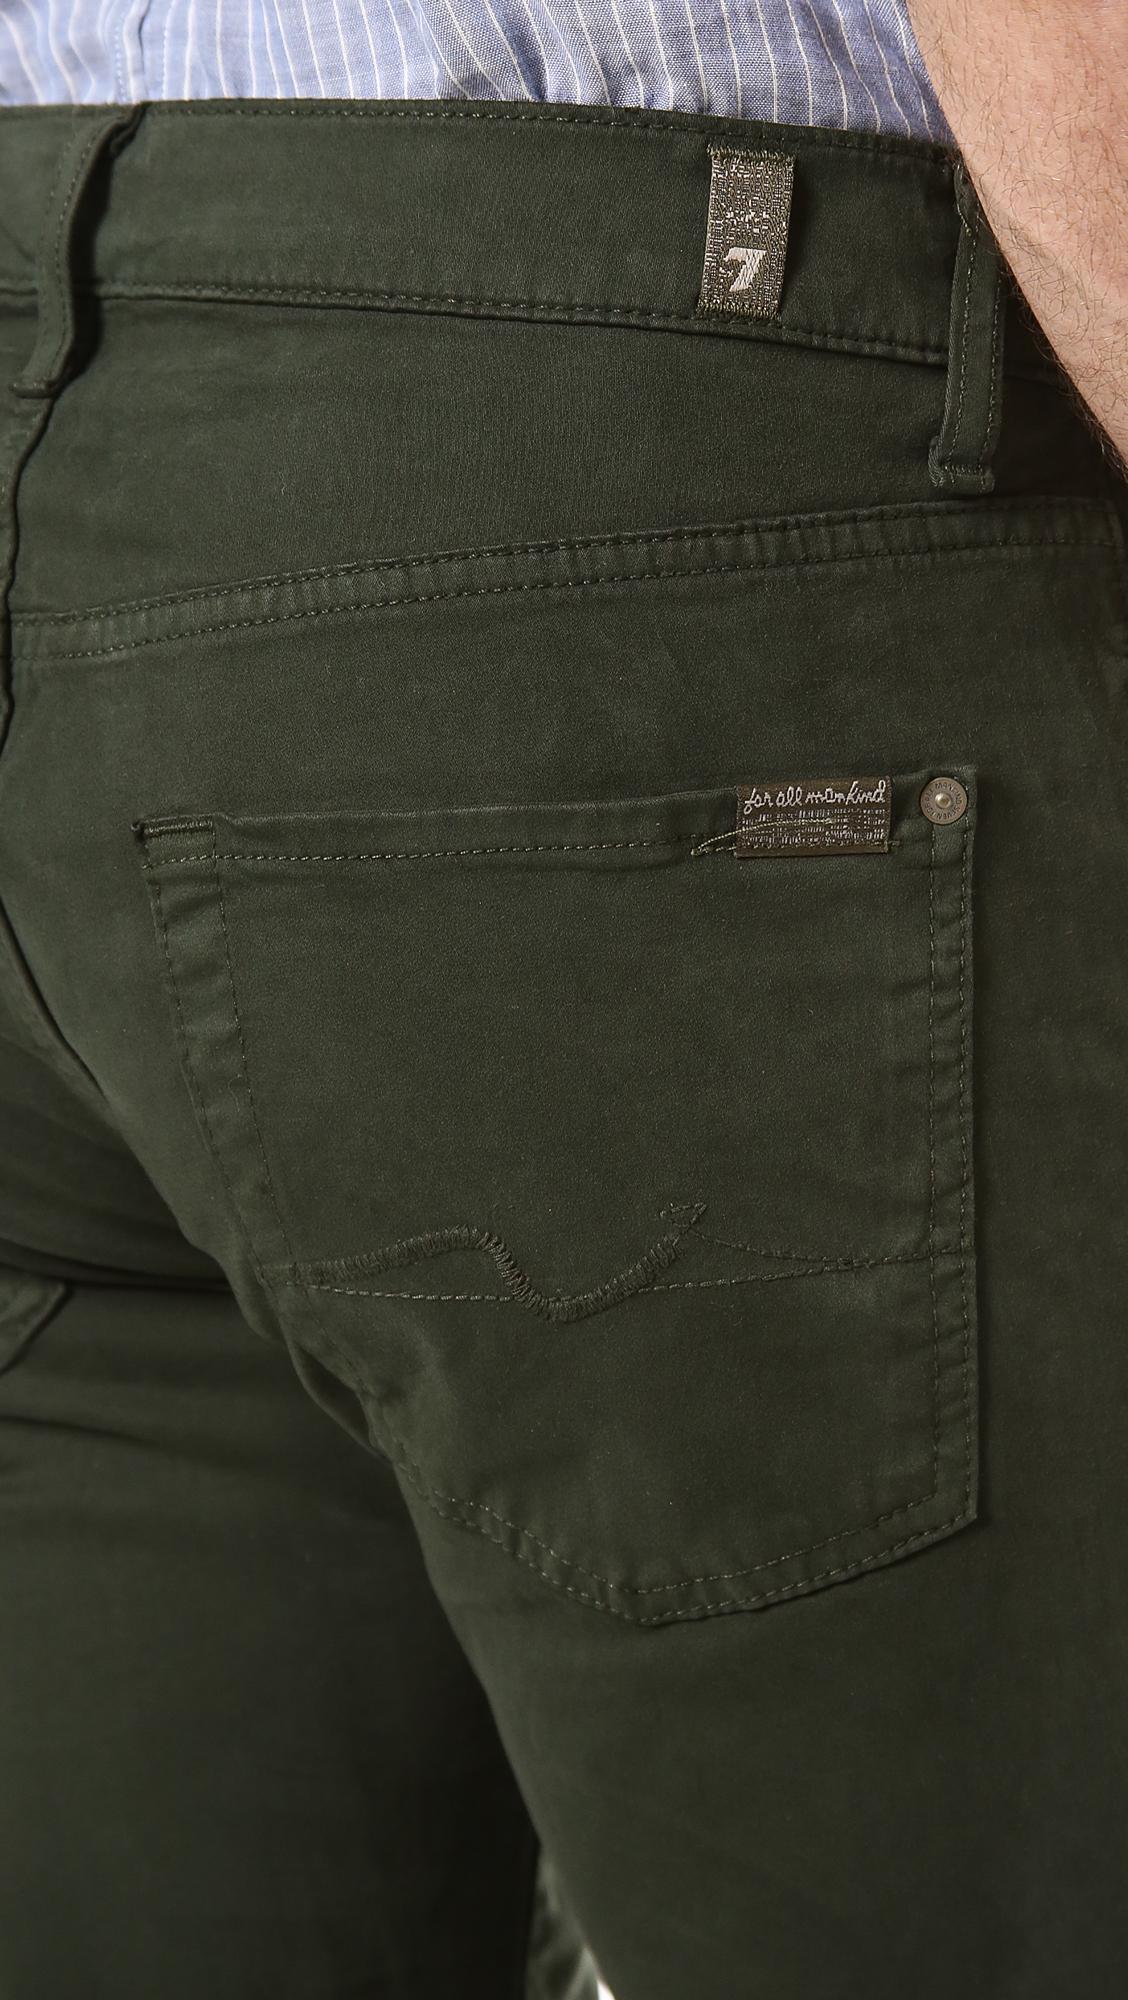 7 For All Mankind Carsen Easy Straight Leg Jeans in Dark Olive (Green) for Men